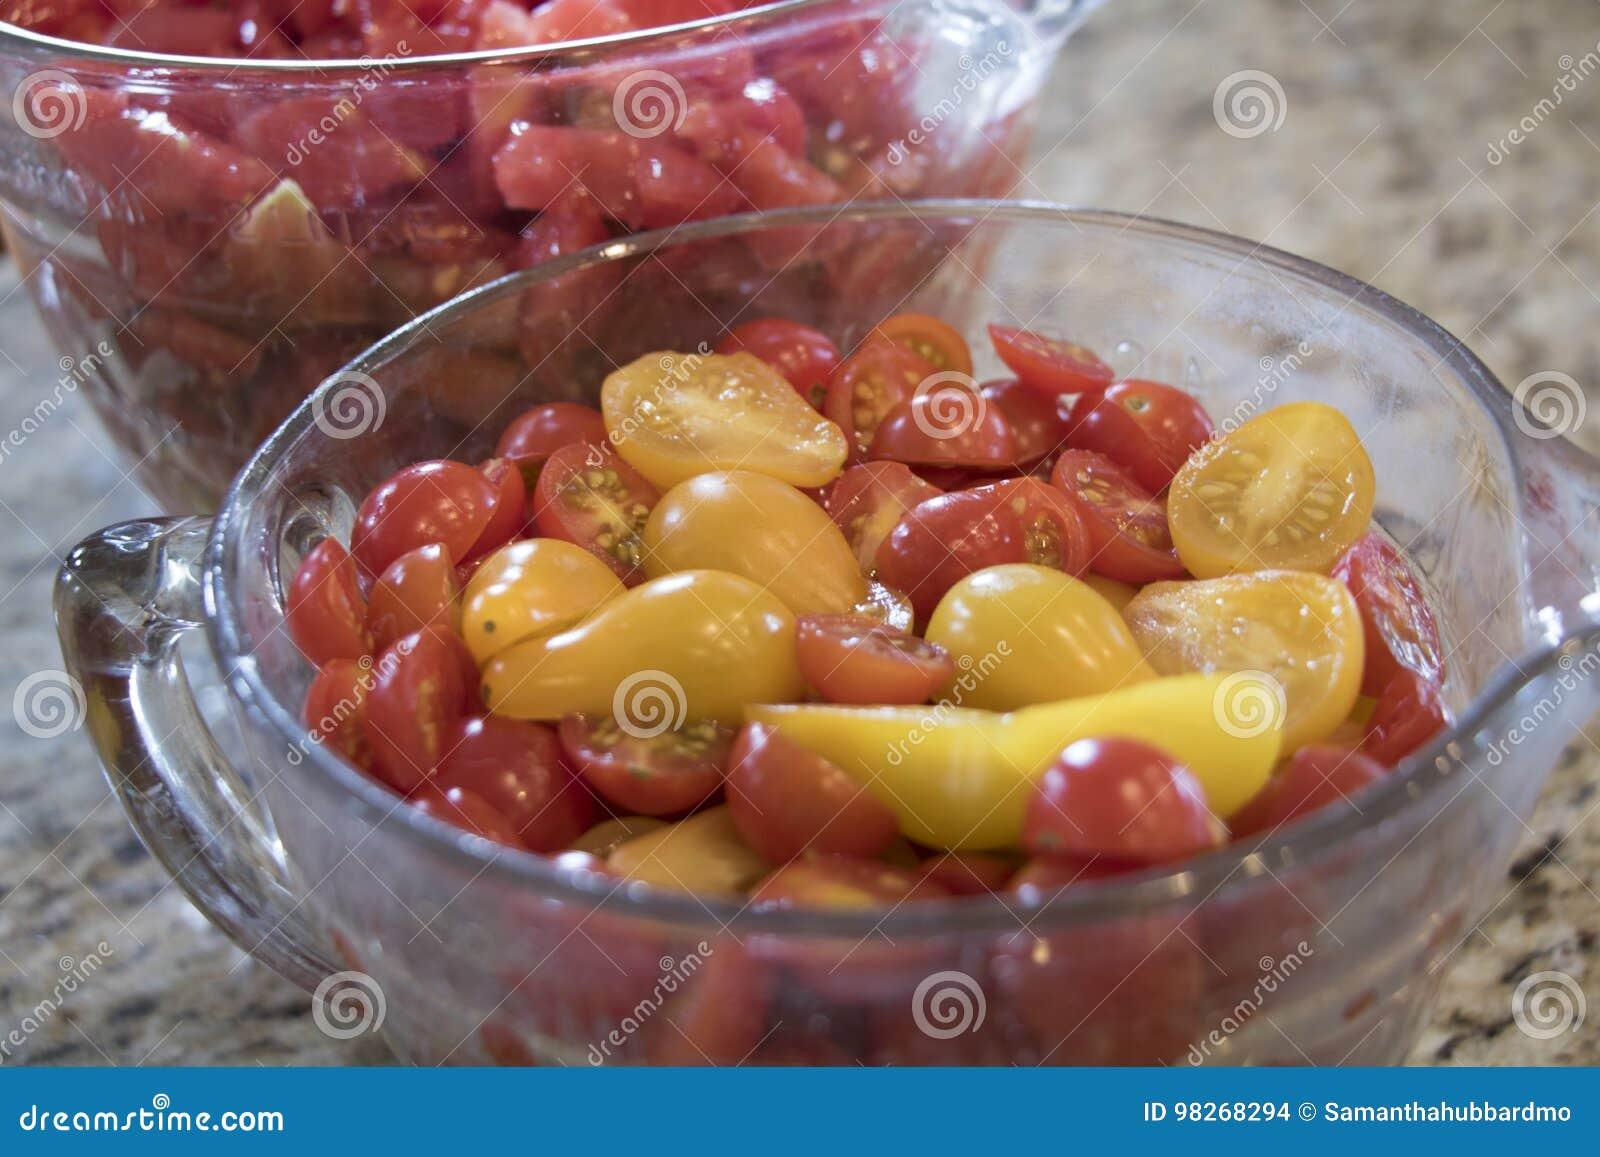 Schussel Schnitt Rote Und Gelbe Tomaten Auf Kuchenarbeitsplatte